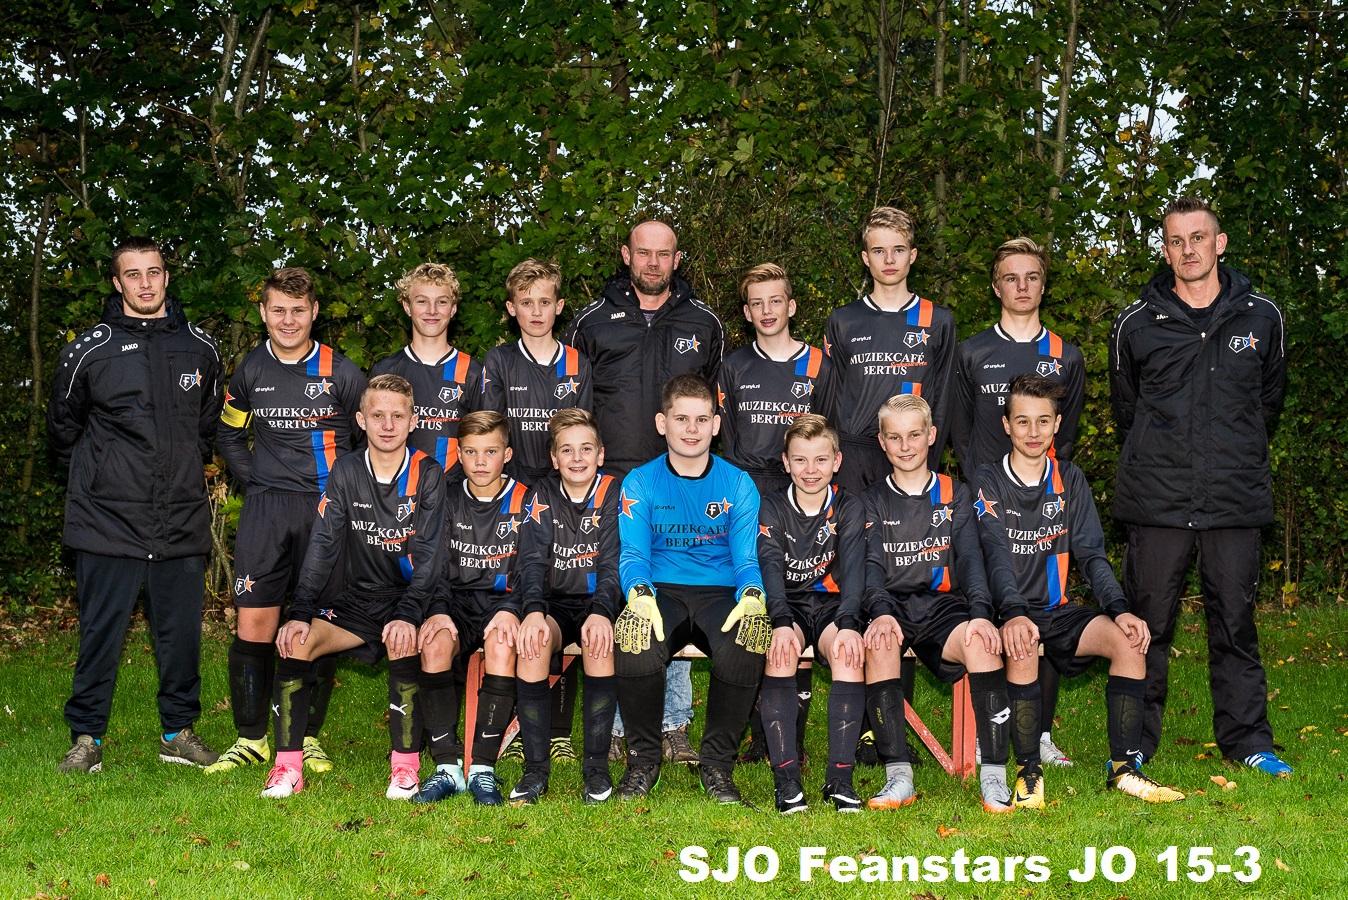 SJO Feanstars JO 15-3